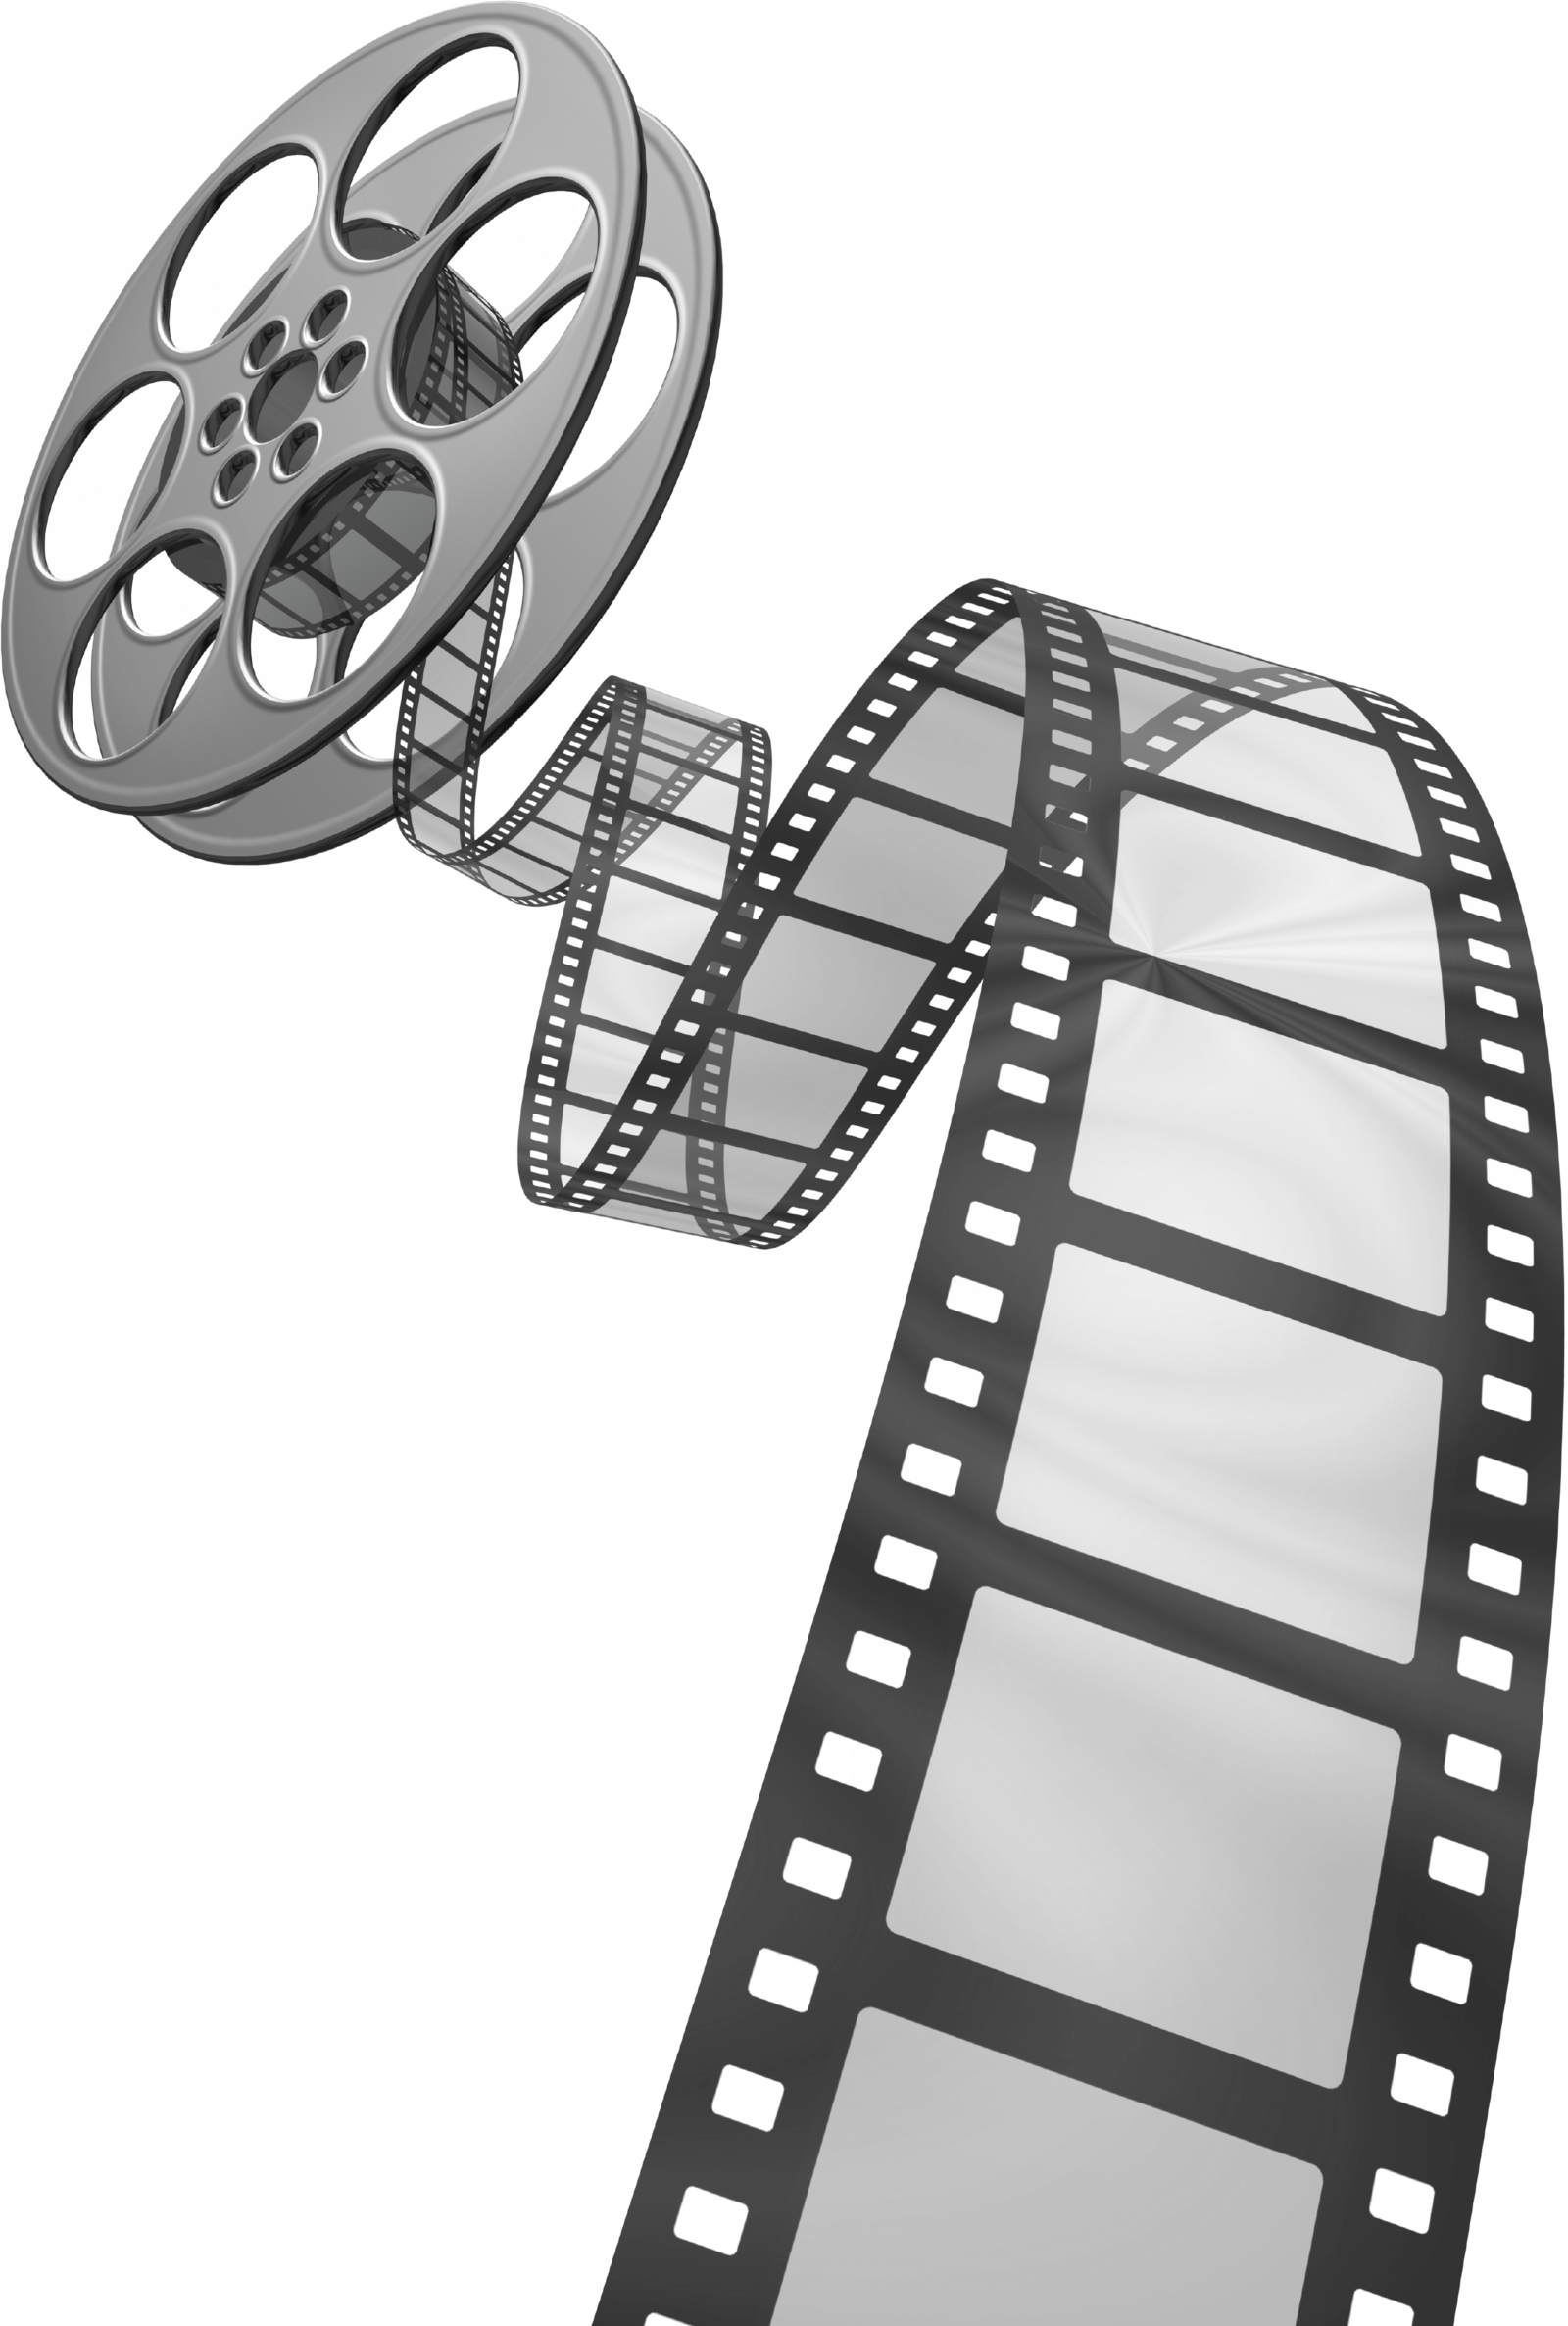 Movie reel film reel clip art image 2 - Movie Reel PNG